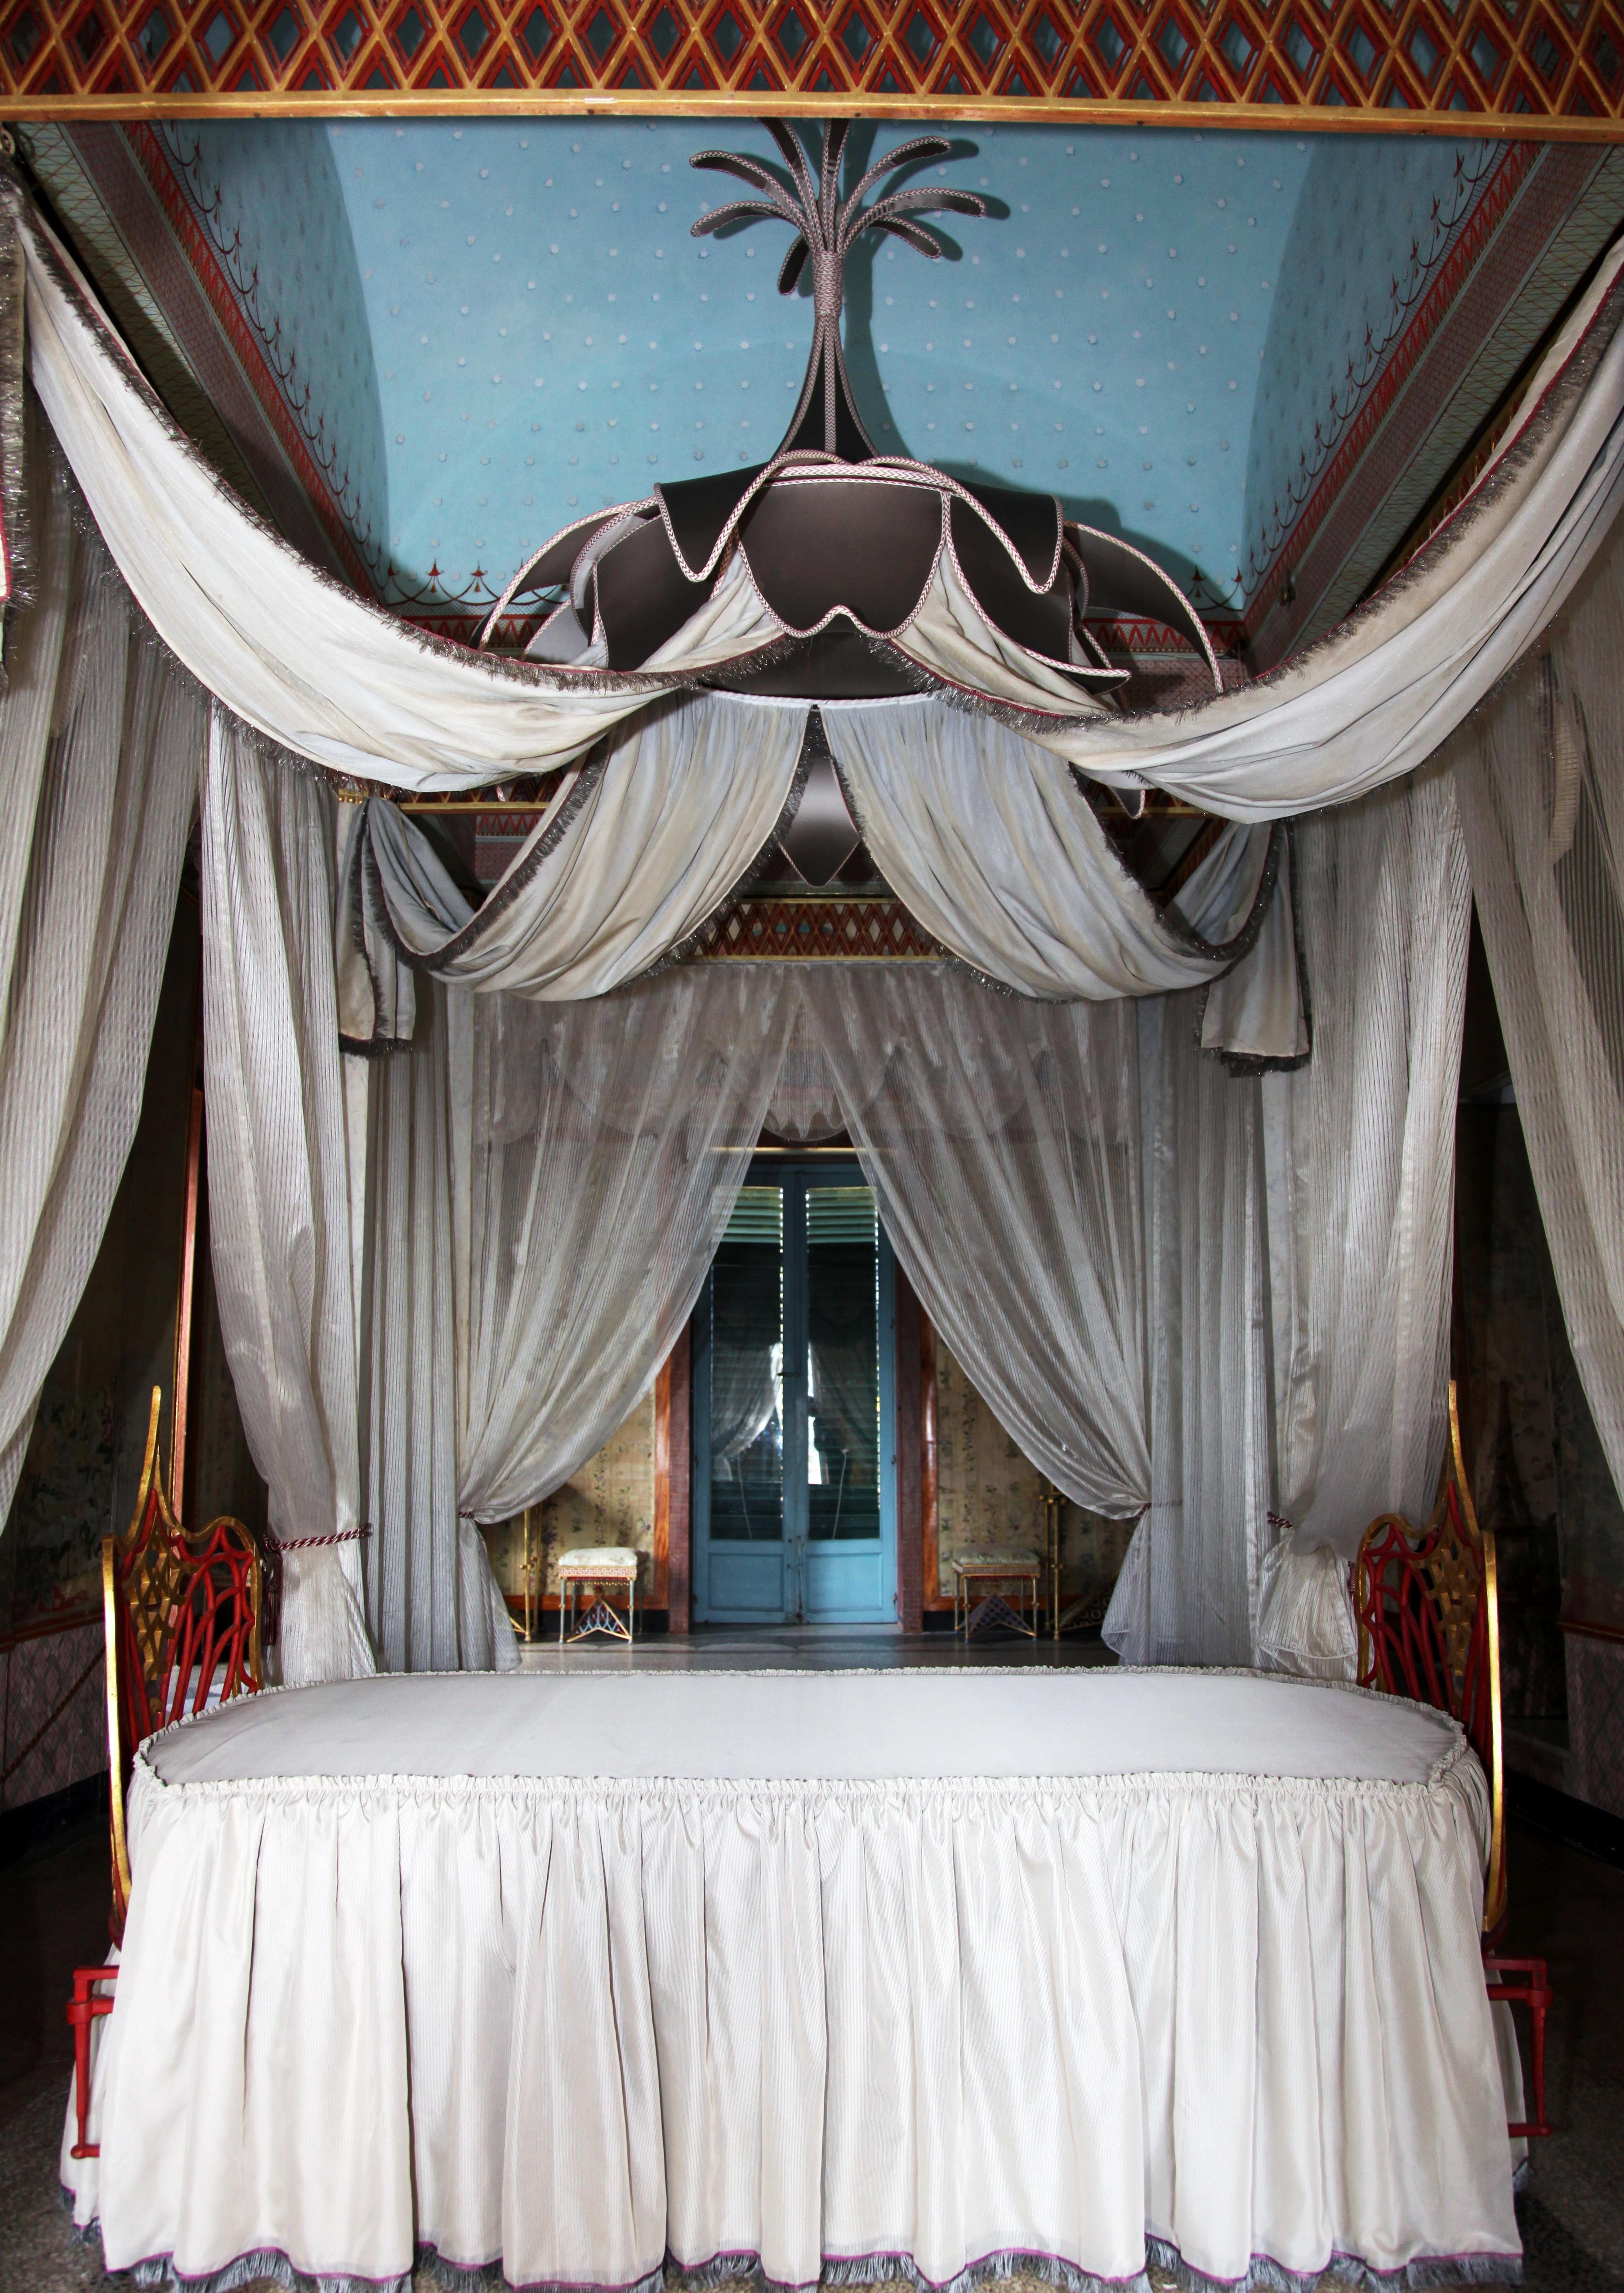 Il letto della sposa memorie dagli archivi della sicilia for Camera da letto del soffitto della cattedrale